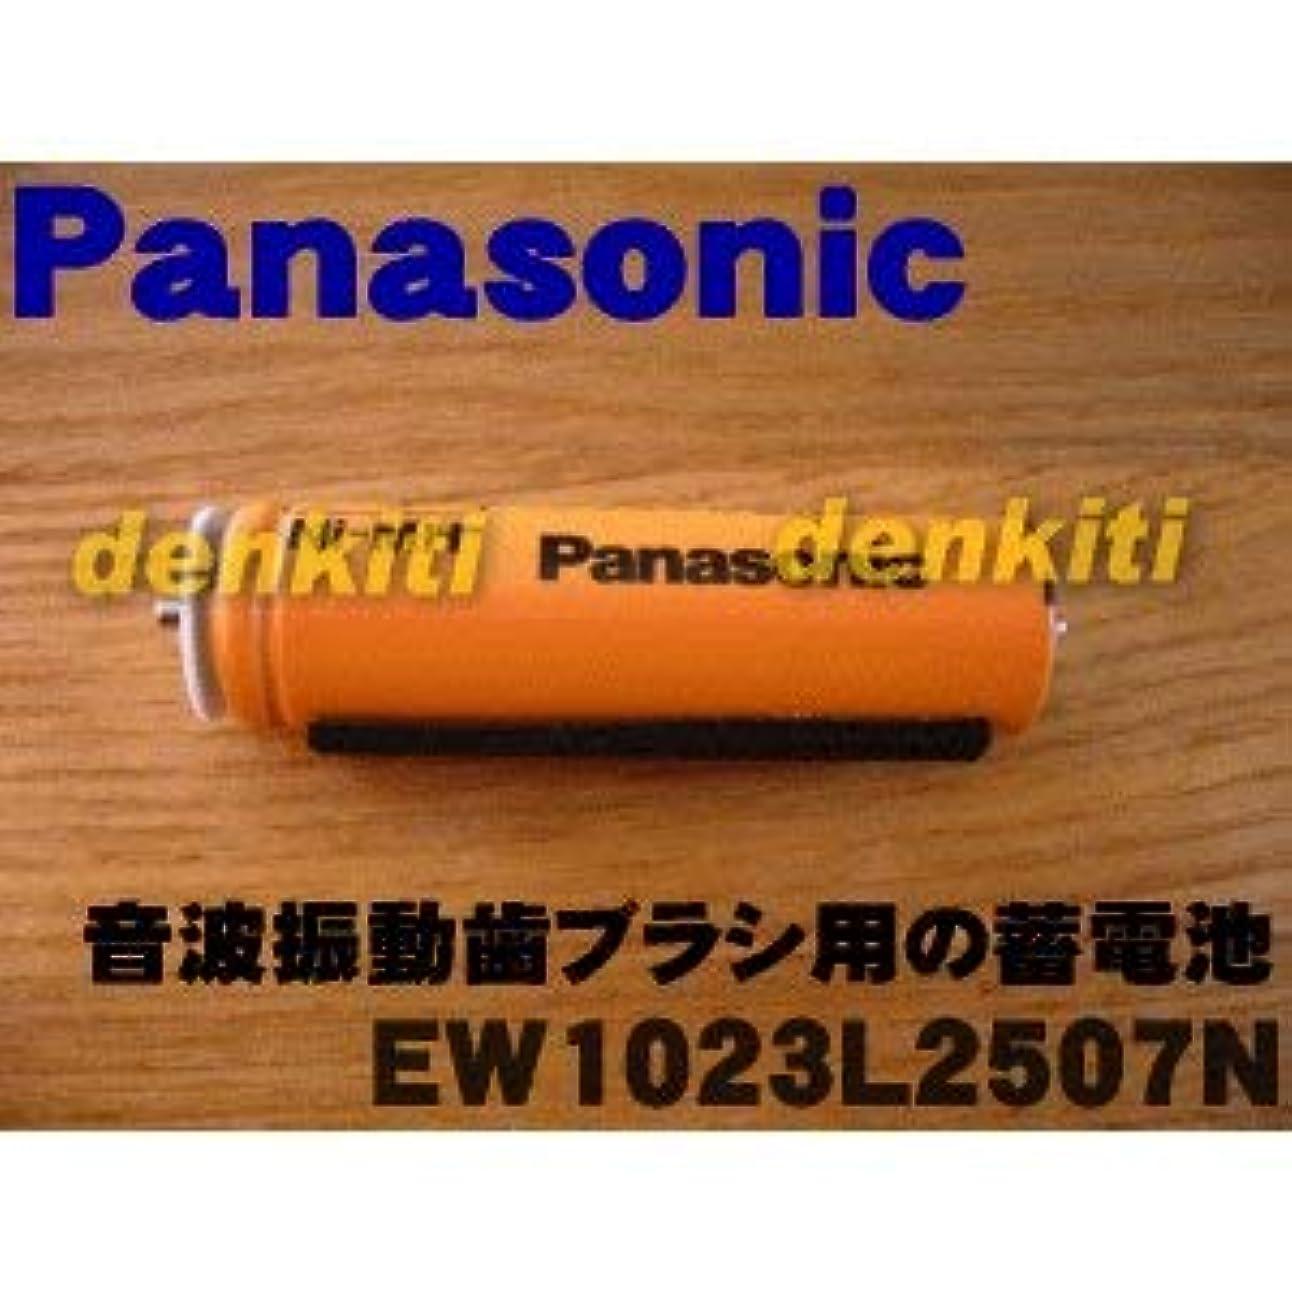 売り手触覚遠征パナソニック Panasonic 音波振動ハブラシ Doltz 蓄電池交換用蓄電池 EW1023L2507N